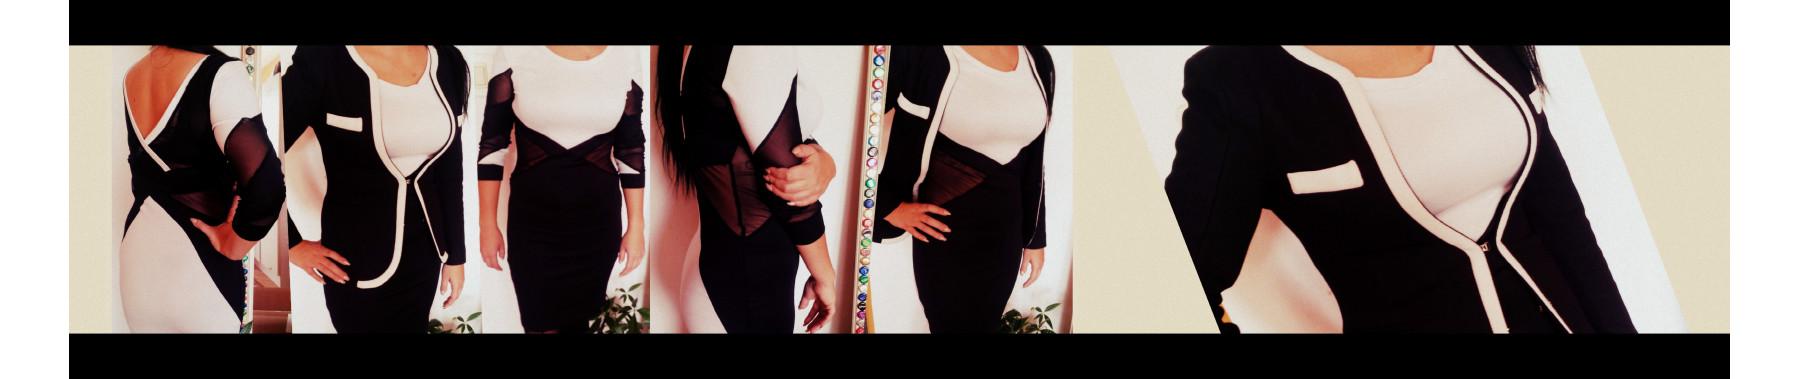 Jackets, boleros and coats